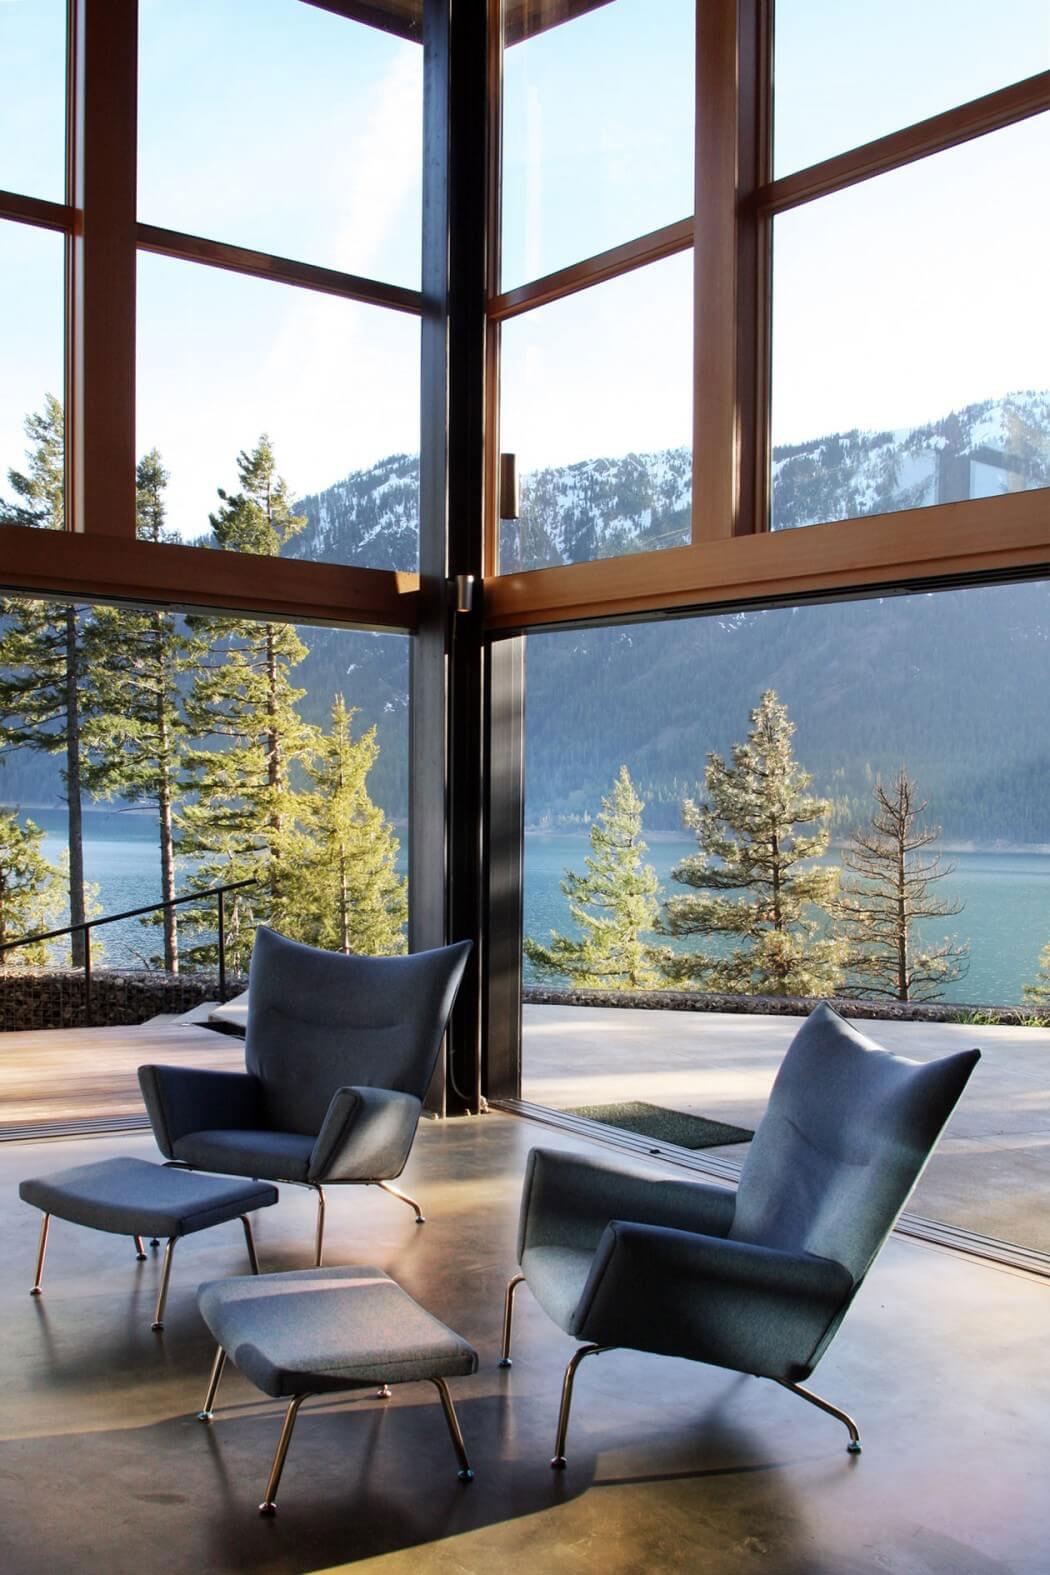 Modern-Mountain-Home-Designed-av-Johnston-Architects-4 Modern Mountain-Home-Design av Johnston Architects